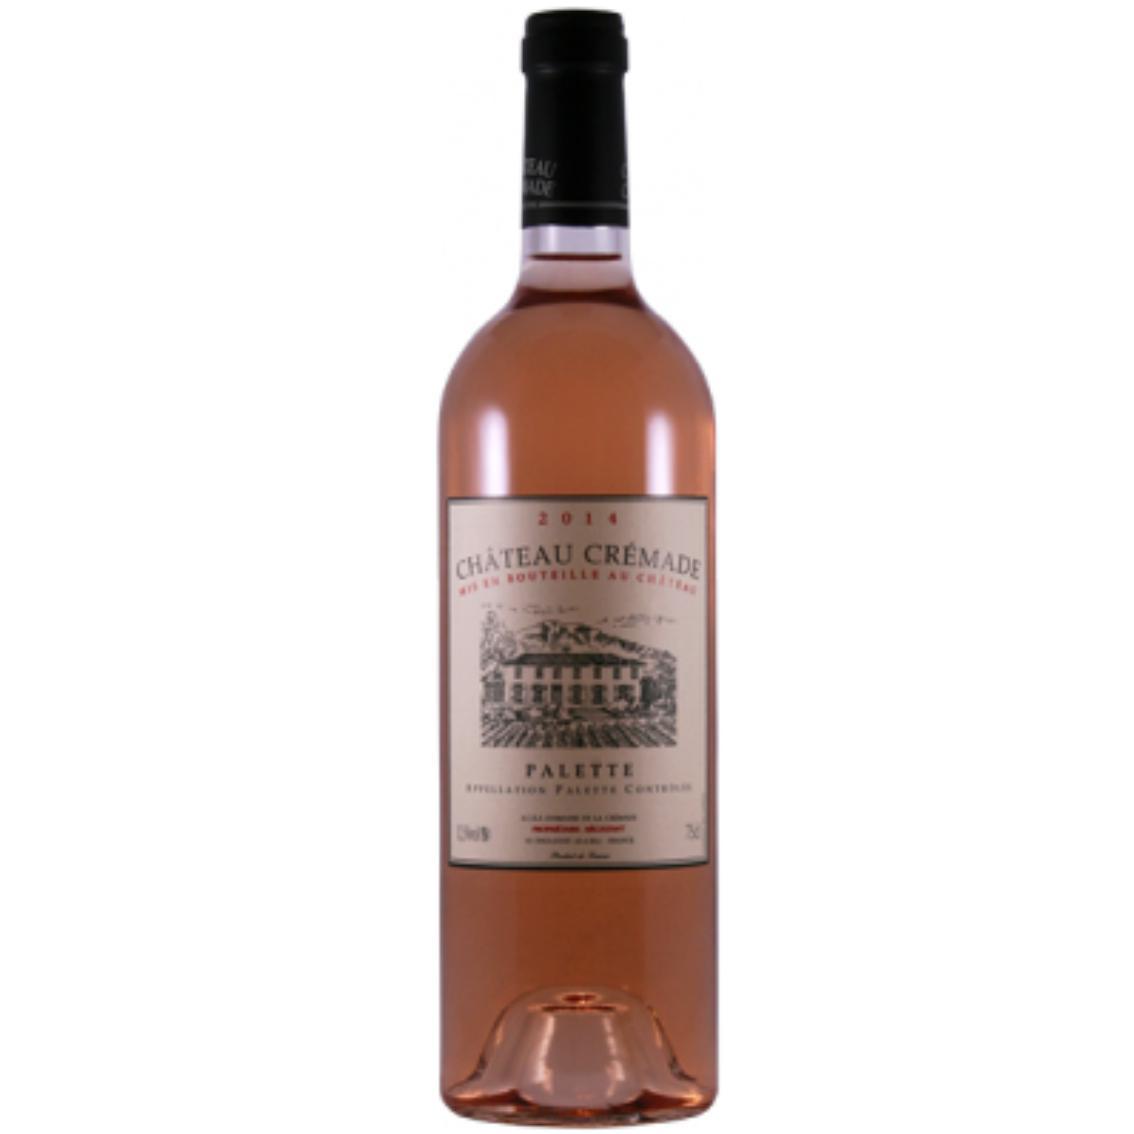 2018 Chateau Cremade Rosé - Palette